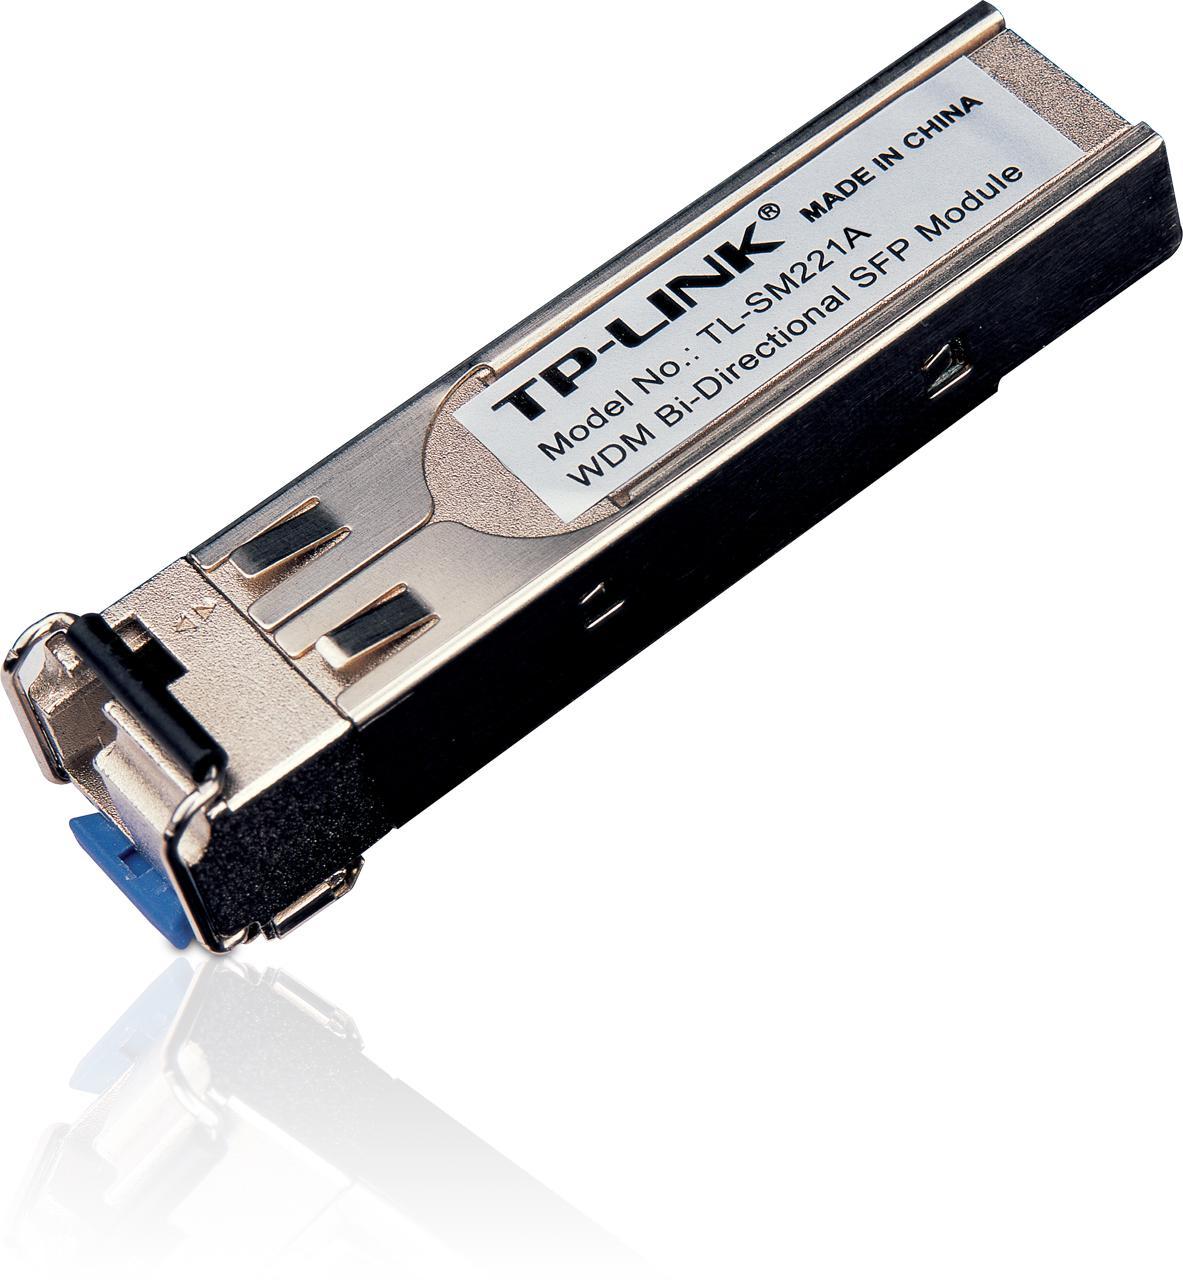 Bộ chuyển đổi quang điện TP-LINK TL-SM221A